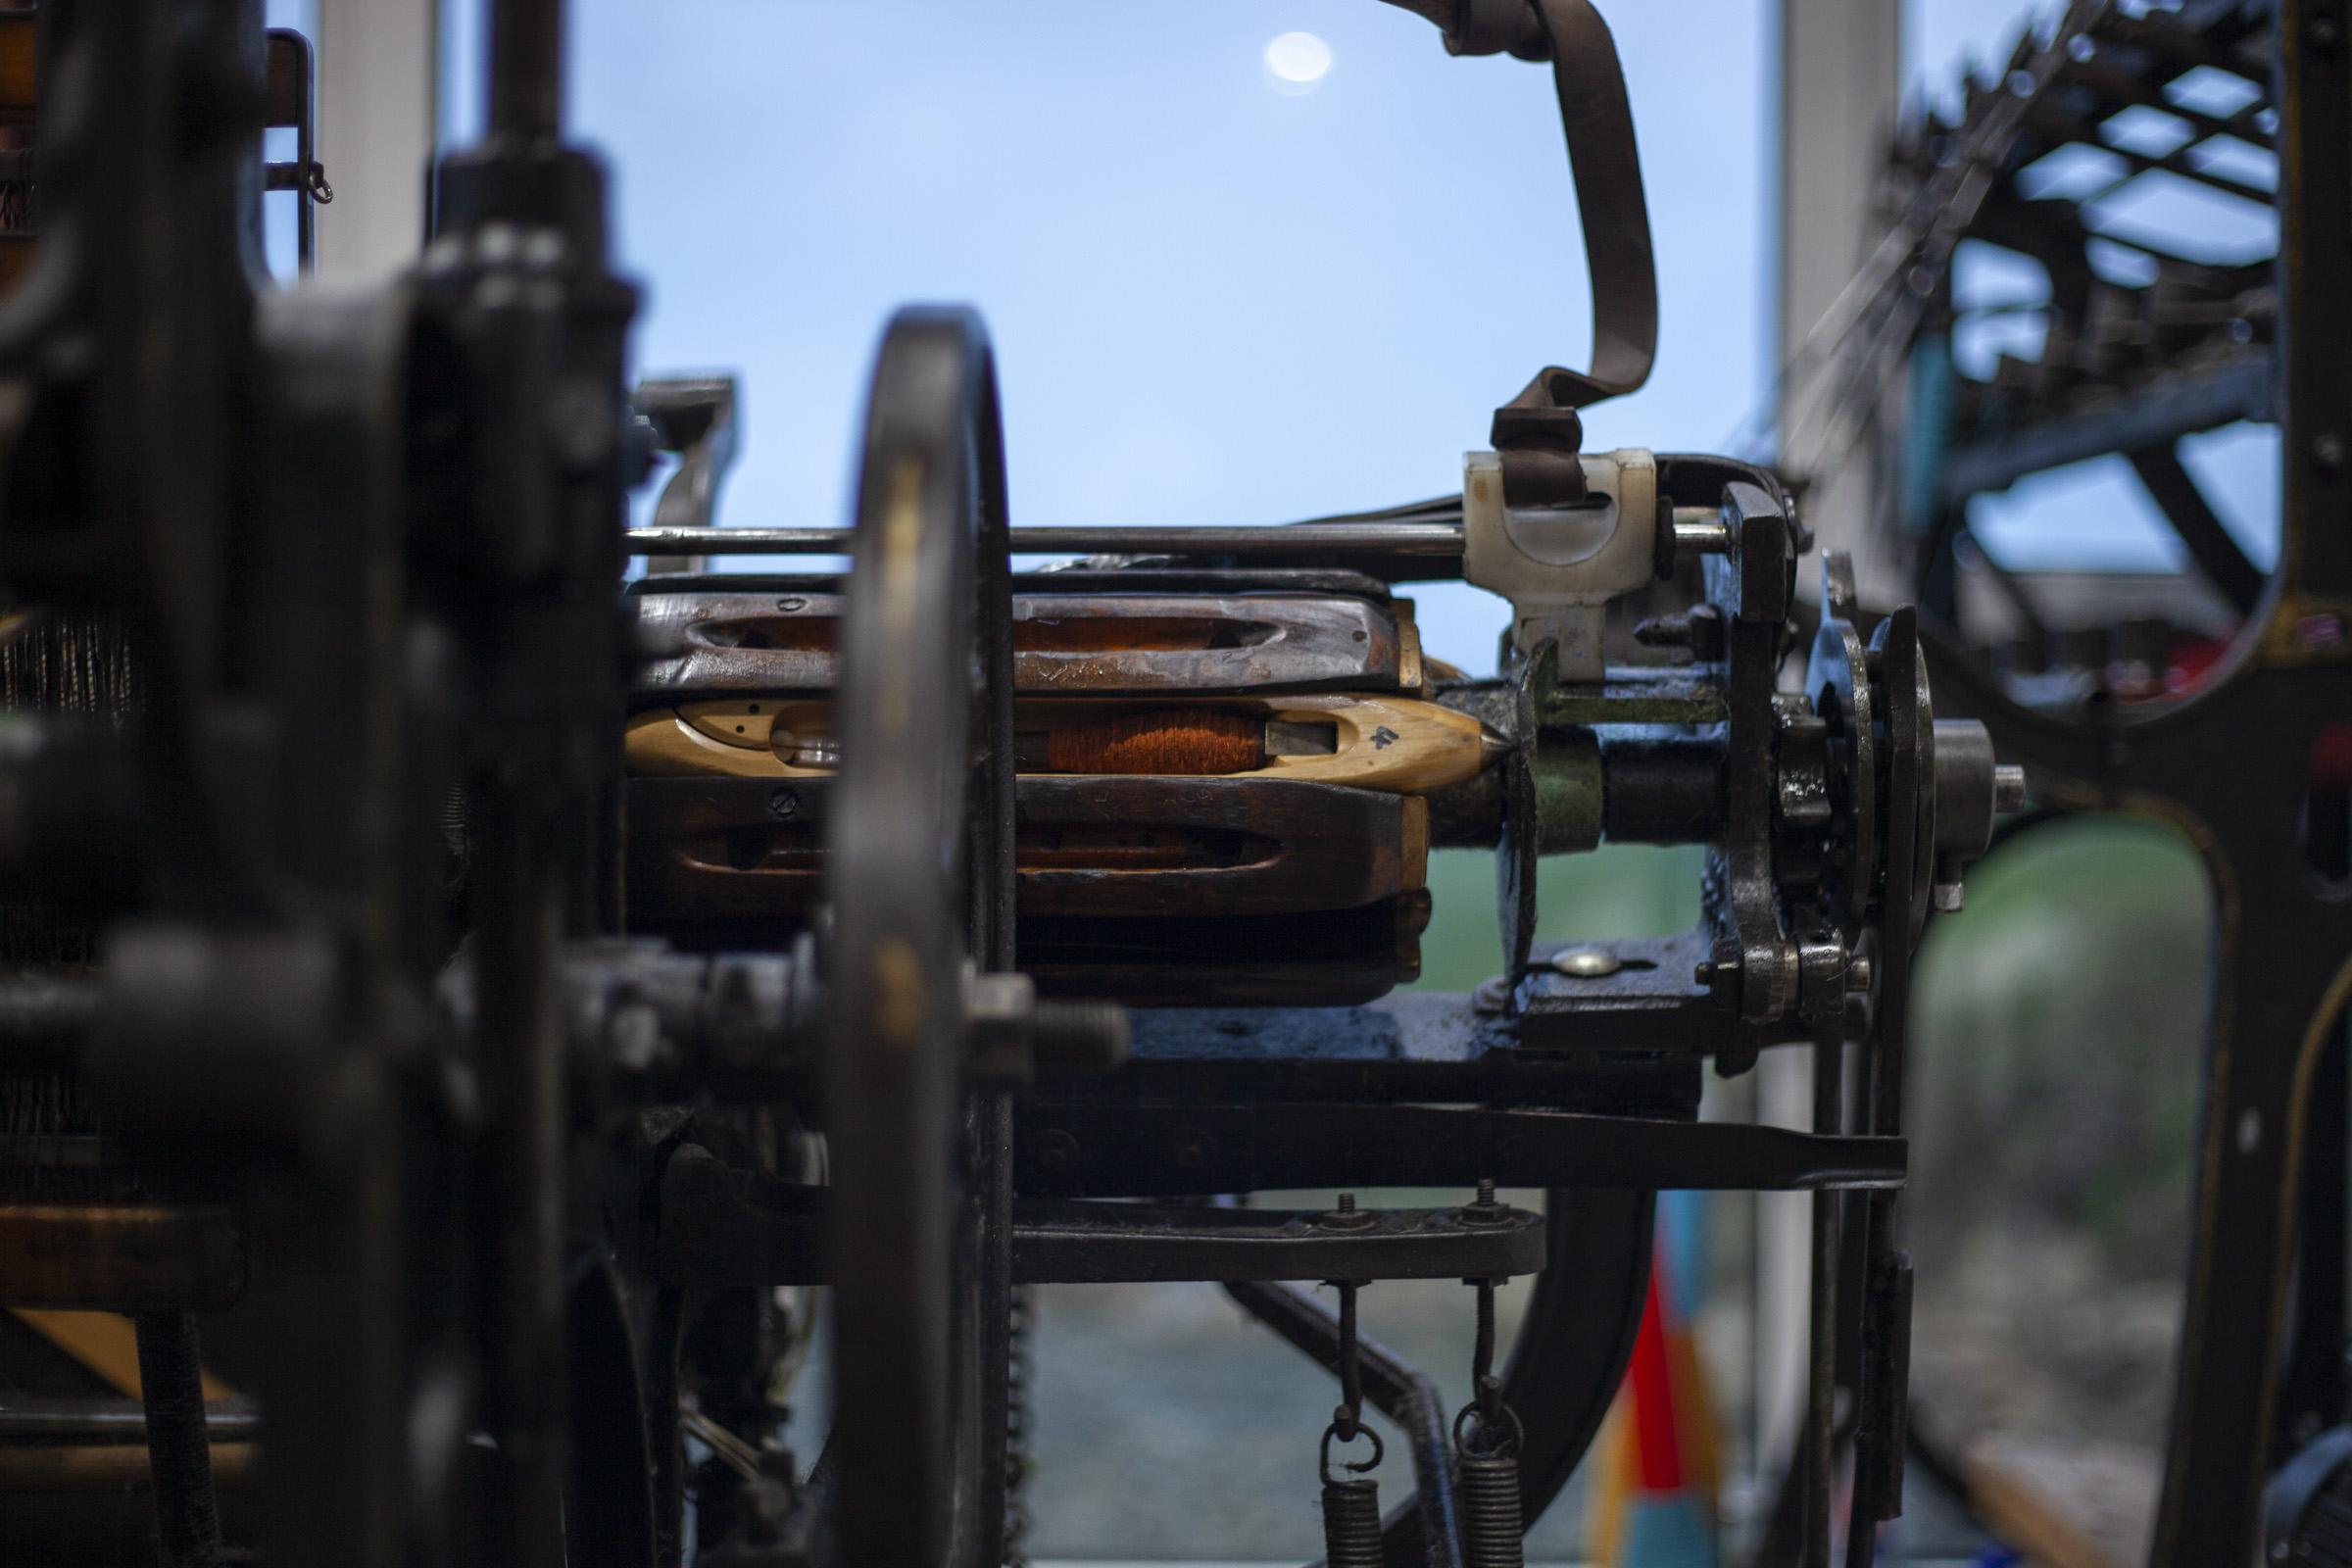 Adabrock Weaving 5